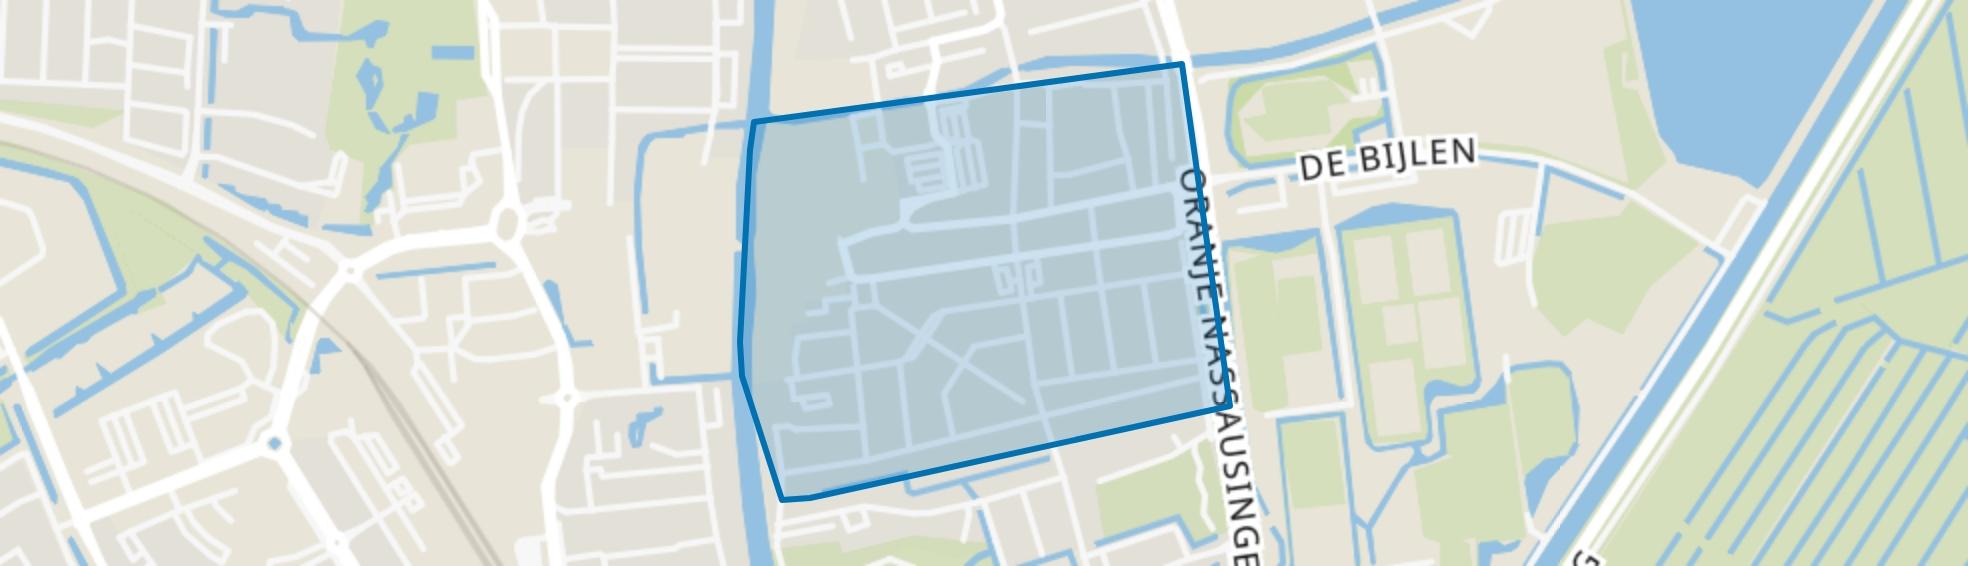 Van Boetzelaerstraat, Alphen aan den Rijn map